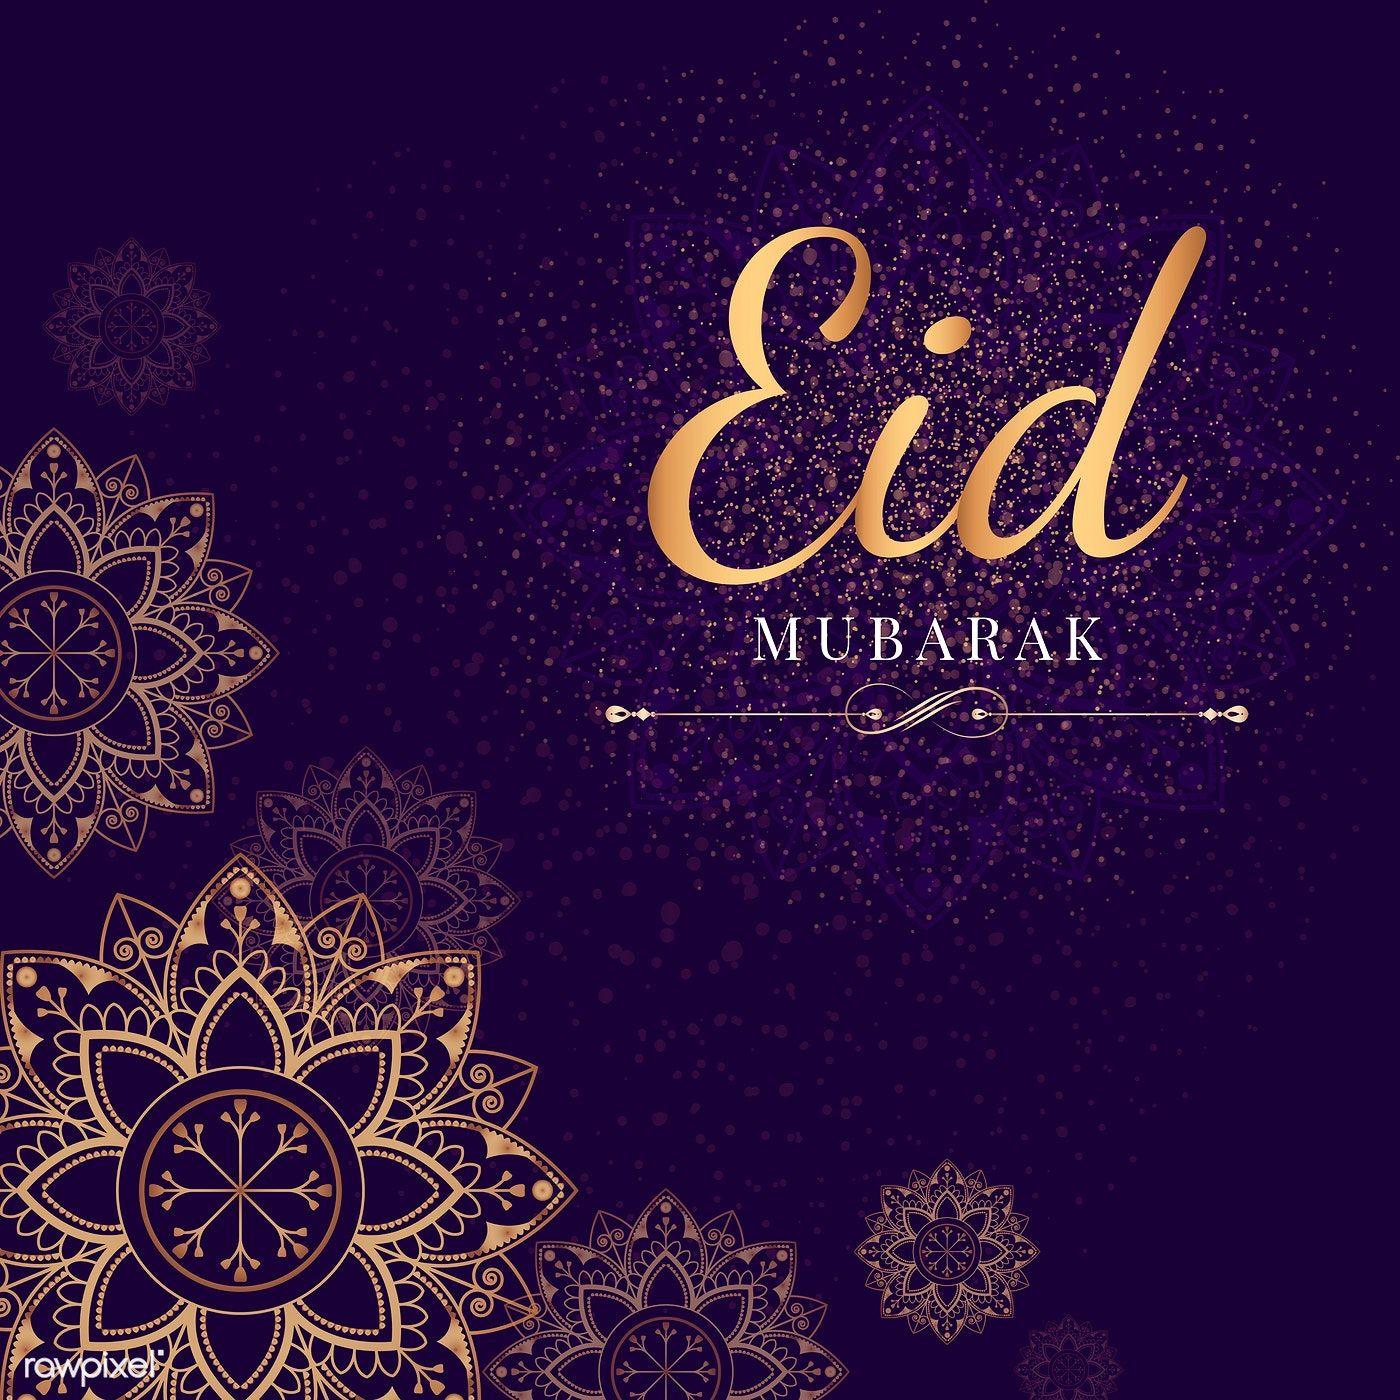 Download Premium Vector Of Eid Mubarak Card With Mandala Pattern Eid Milad Eid Mubarak Card Eid Milad Un Nabi